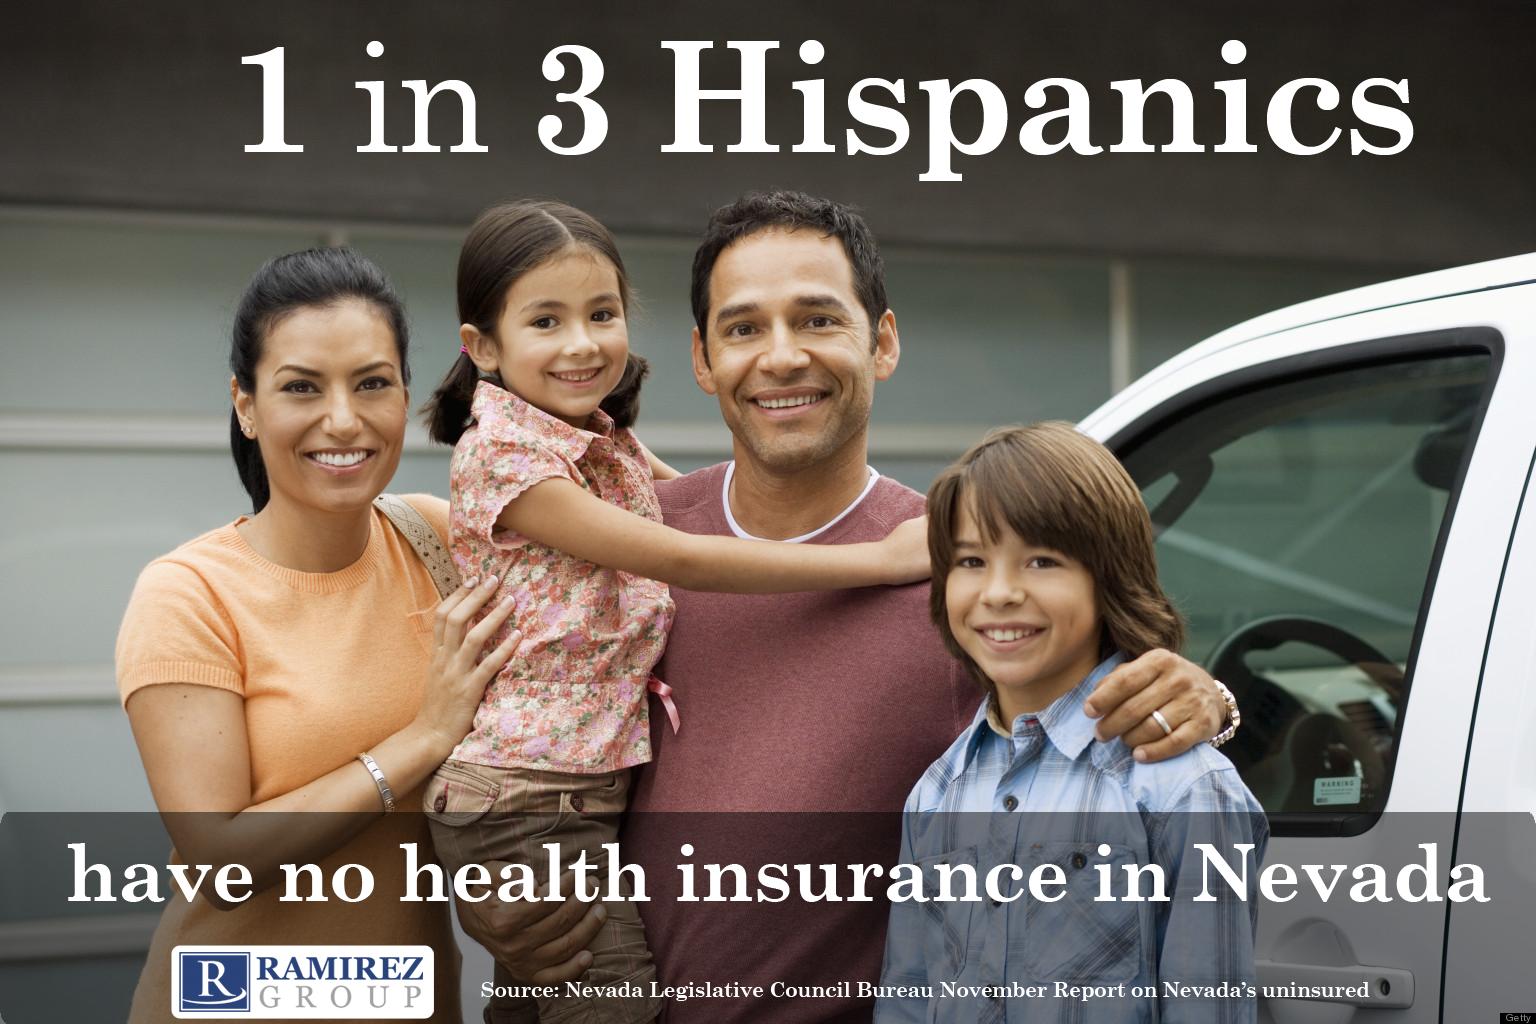 hispanics_without_Insurance.png